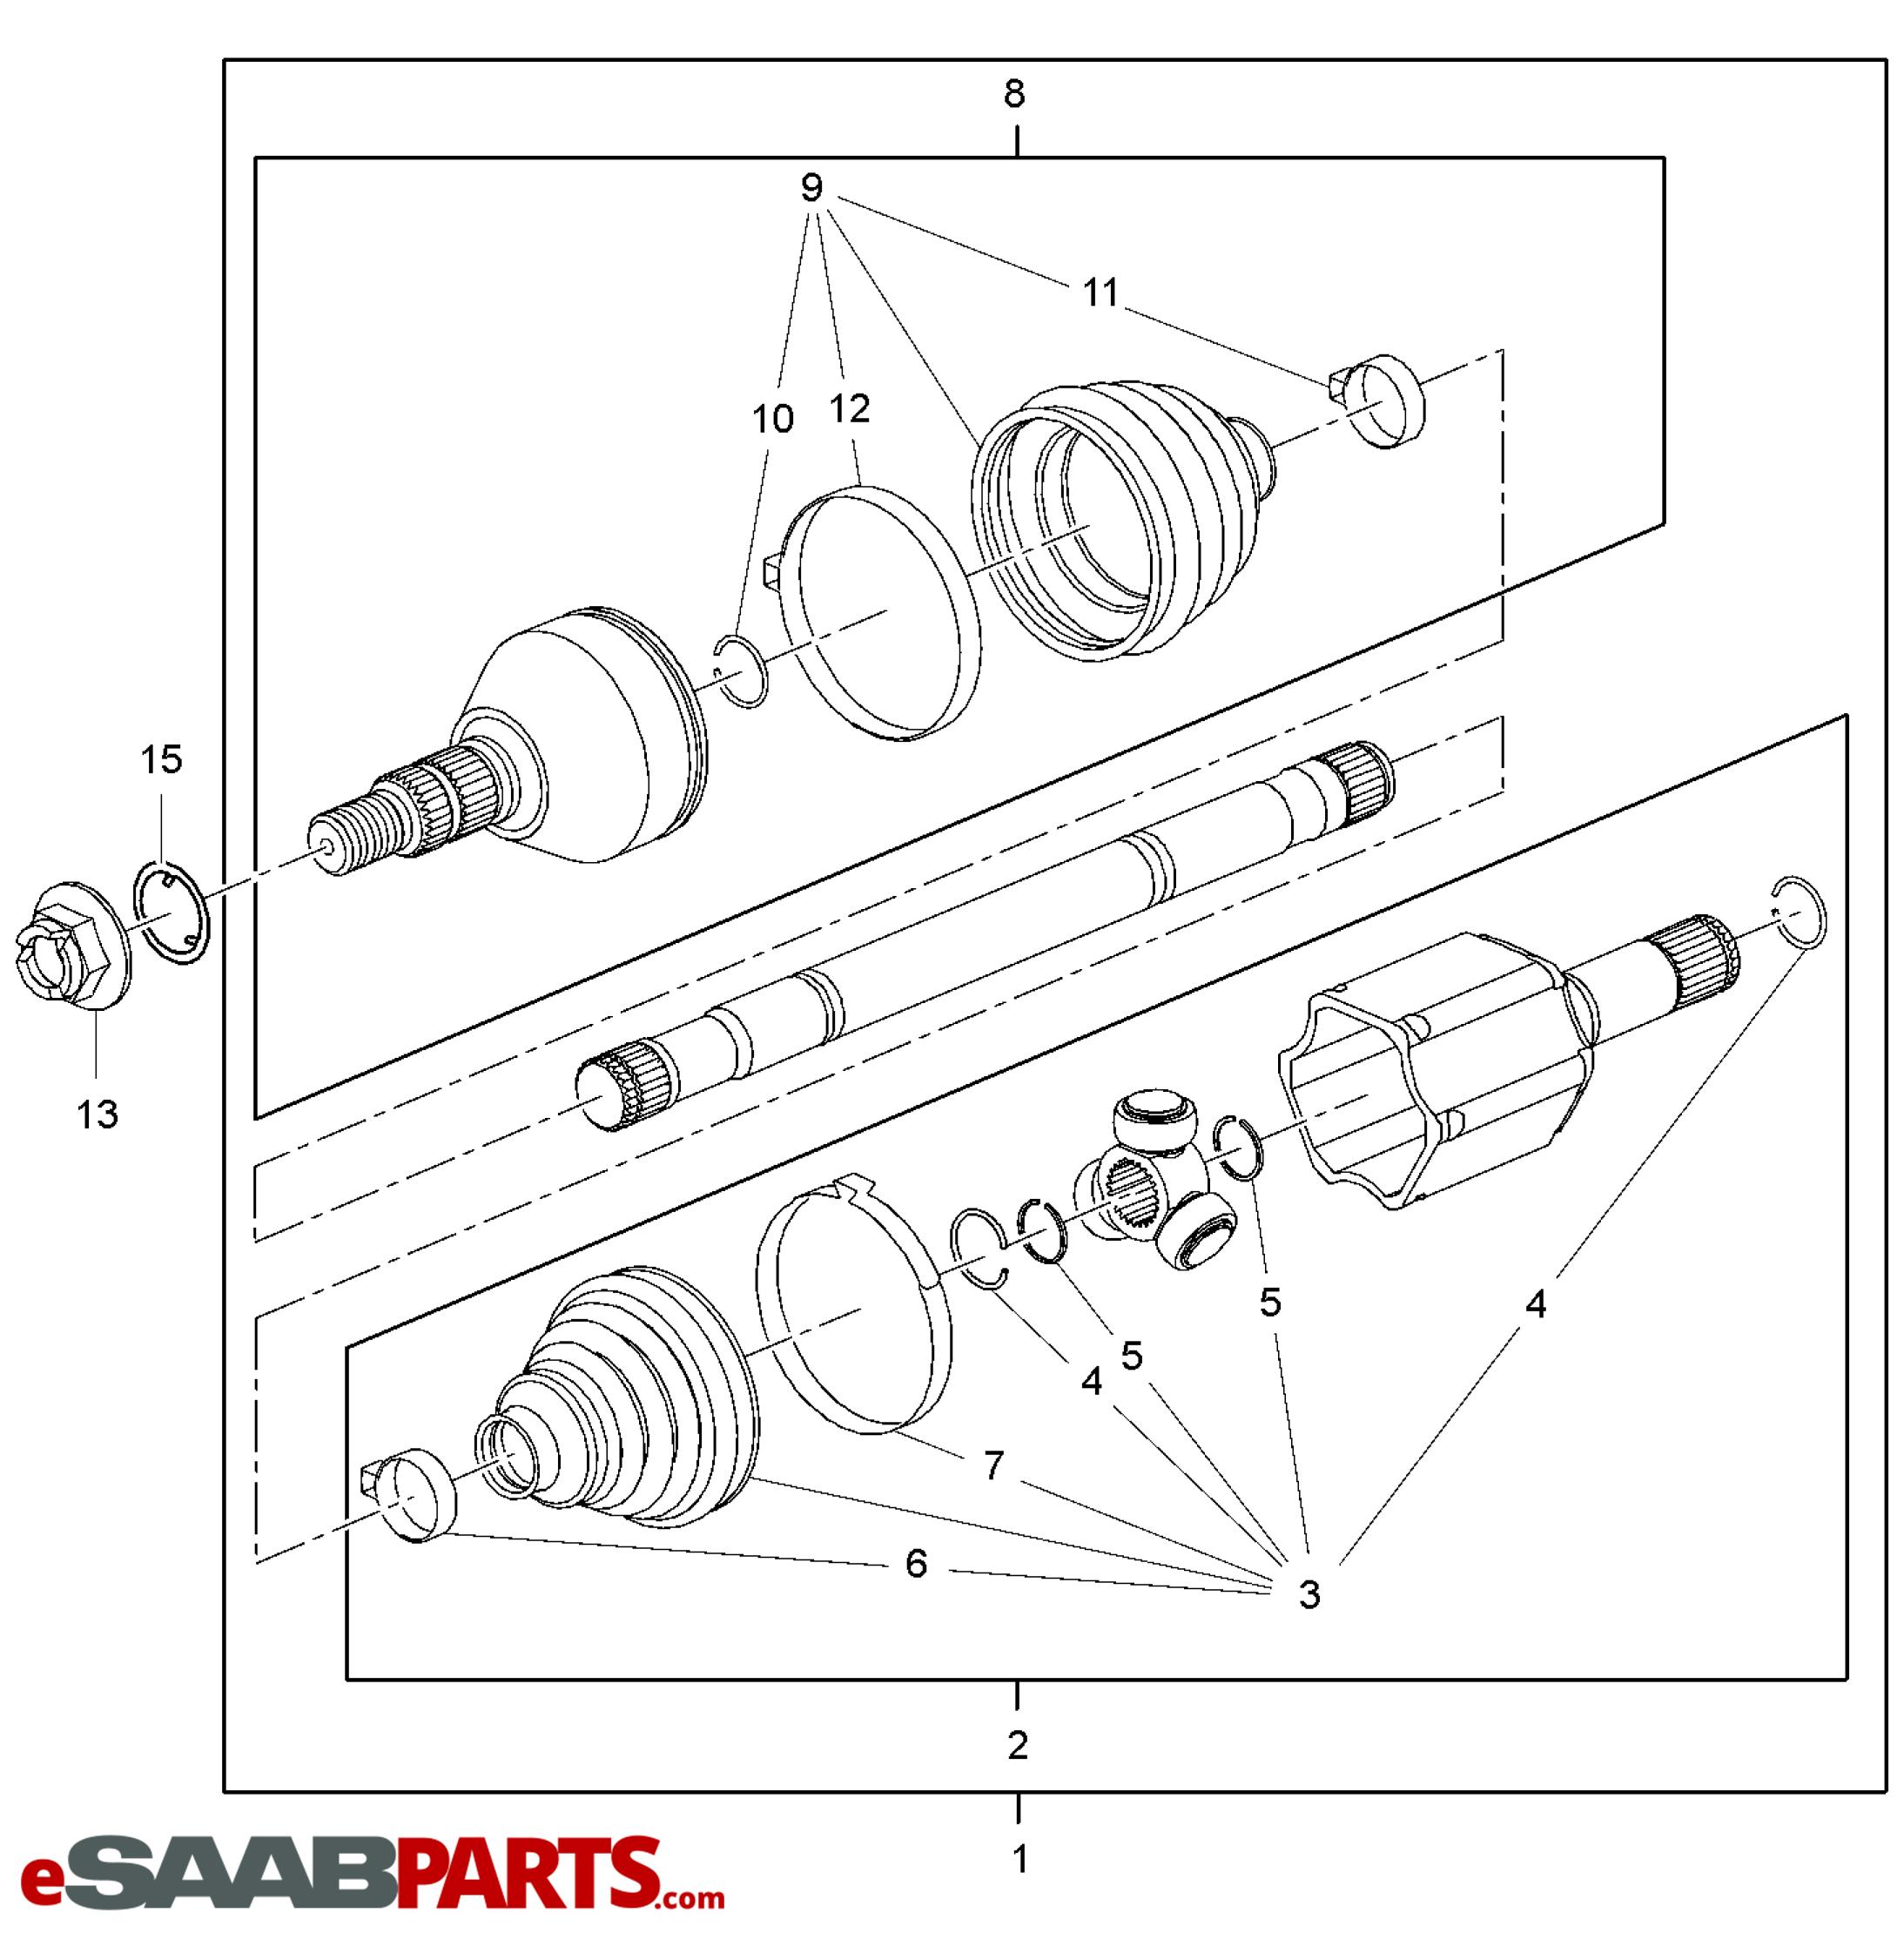 eSaabParts com - Saab 9-4X (168) > Transmission Parts > CV